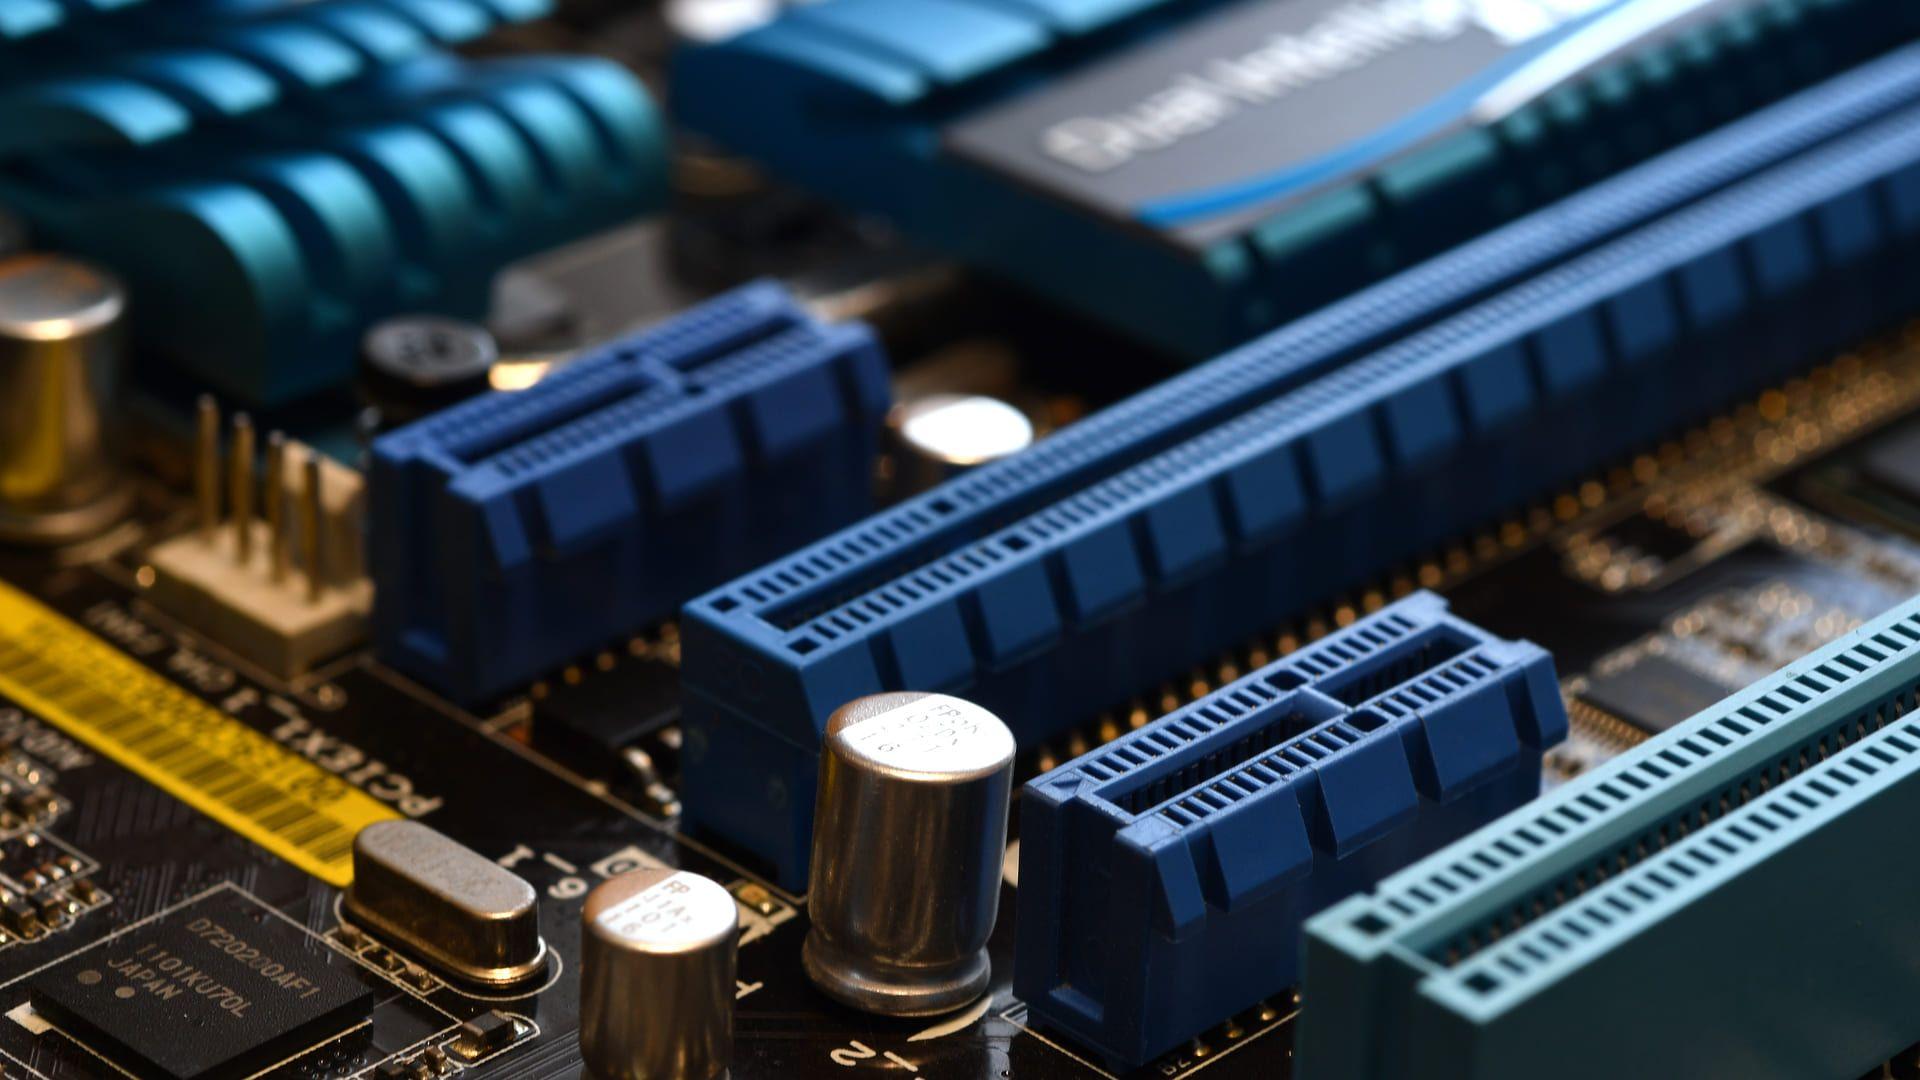 O PCI Express está presente em diversos periféricos de computador (Foto: Reprodução/Shutterstock)